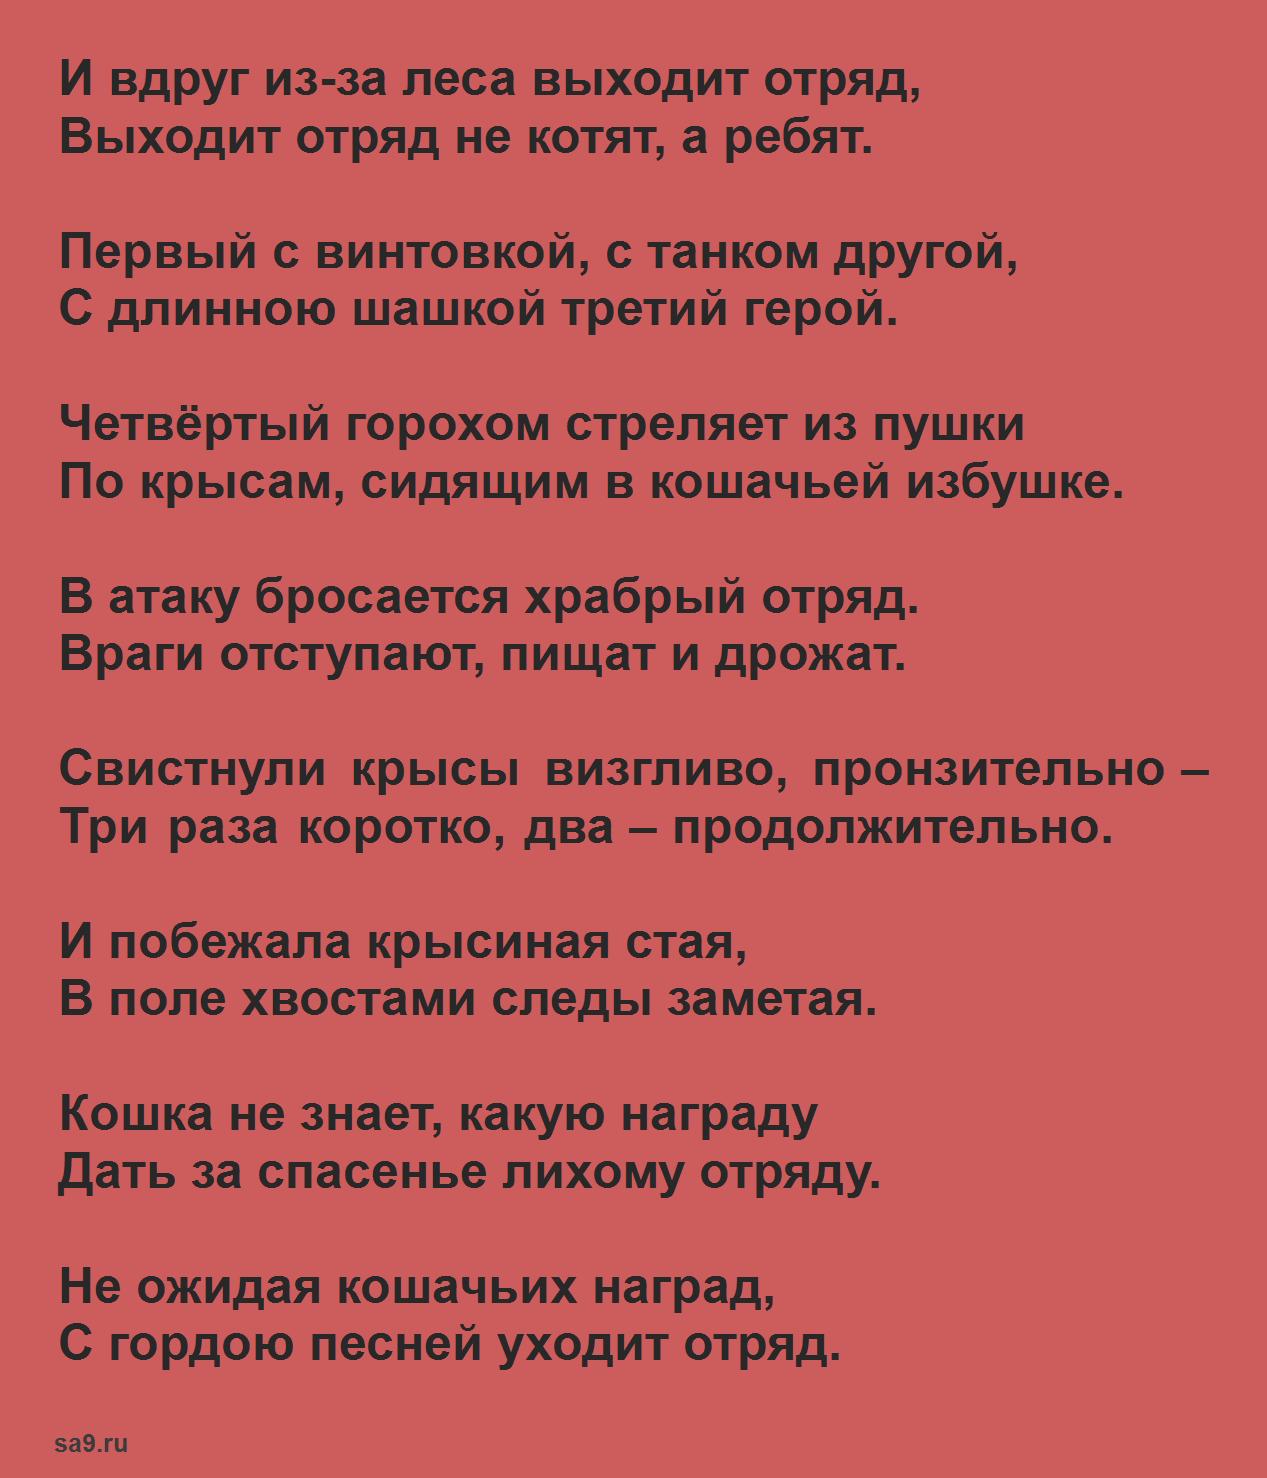 Введенский 'О четырех котятах и четырех ребятах'